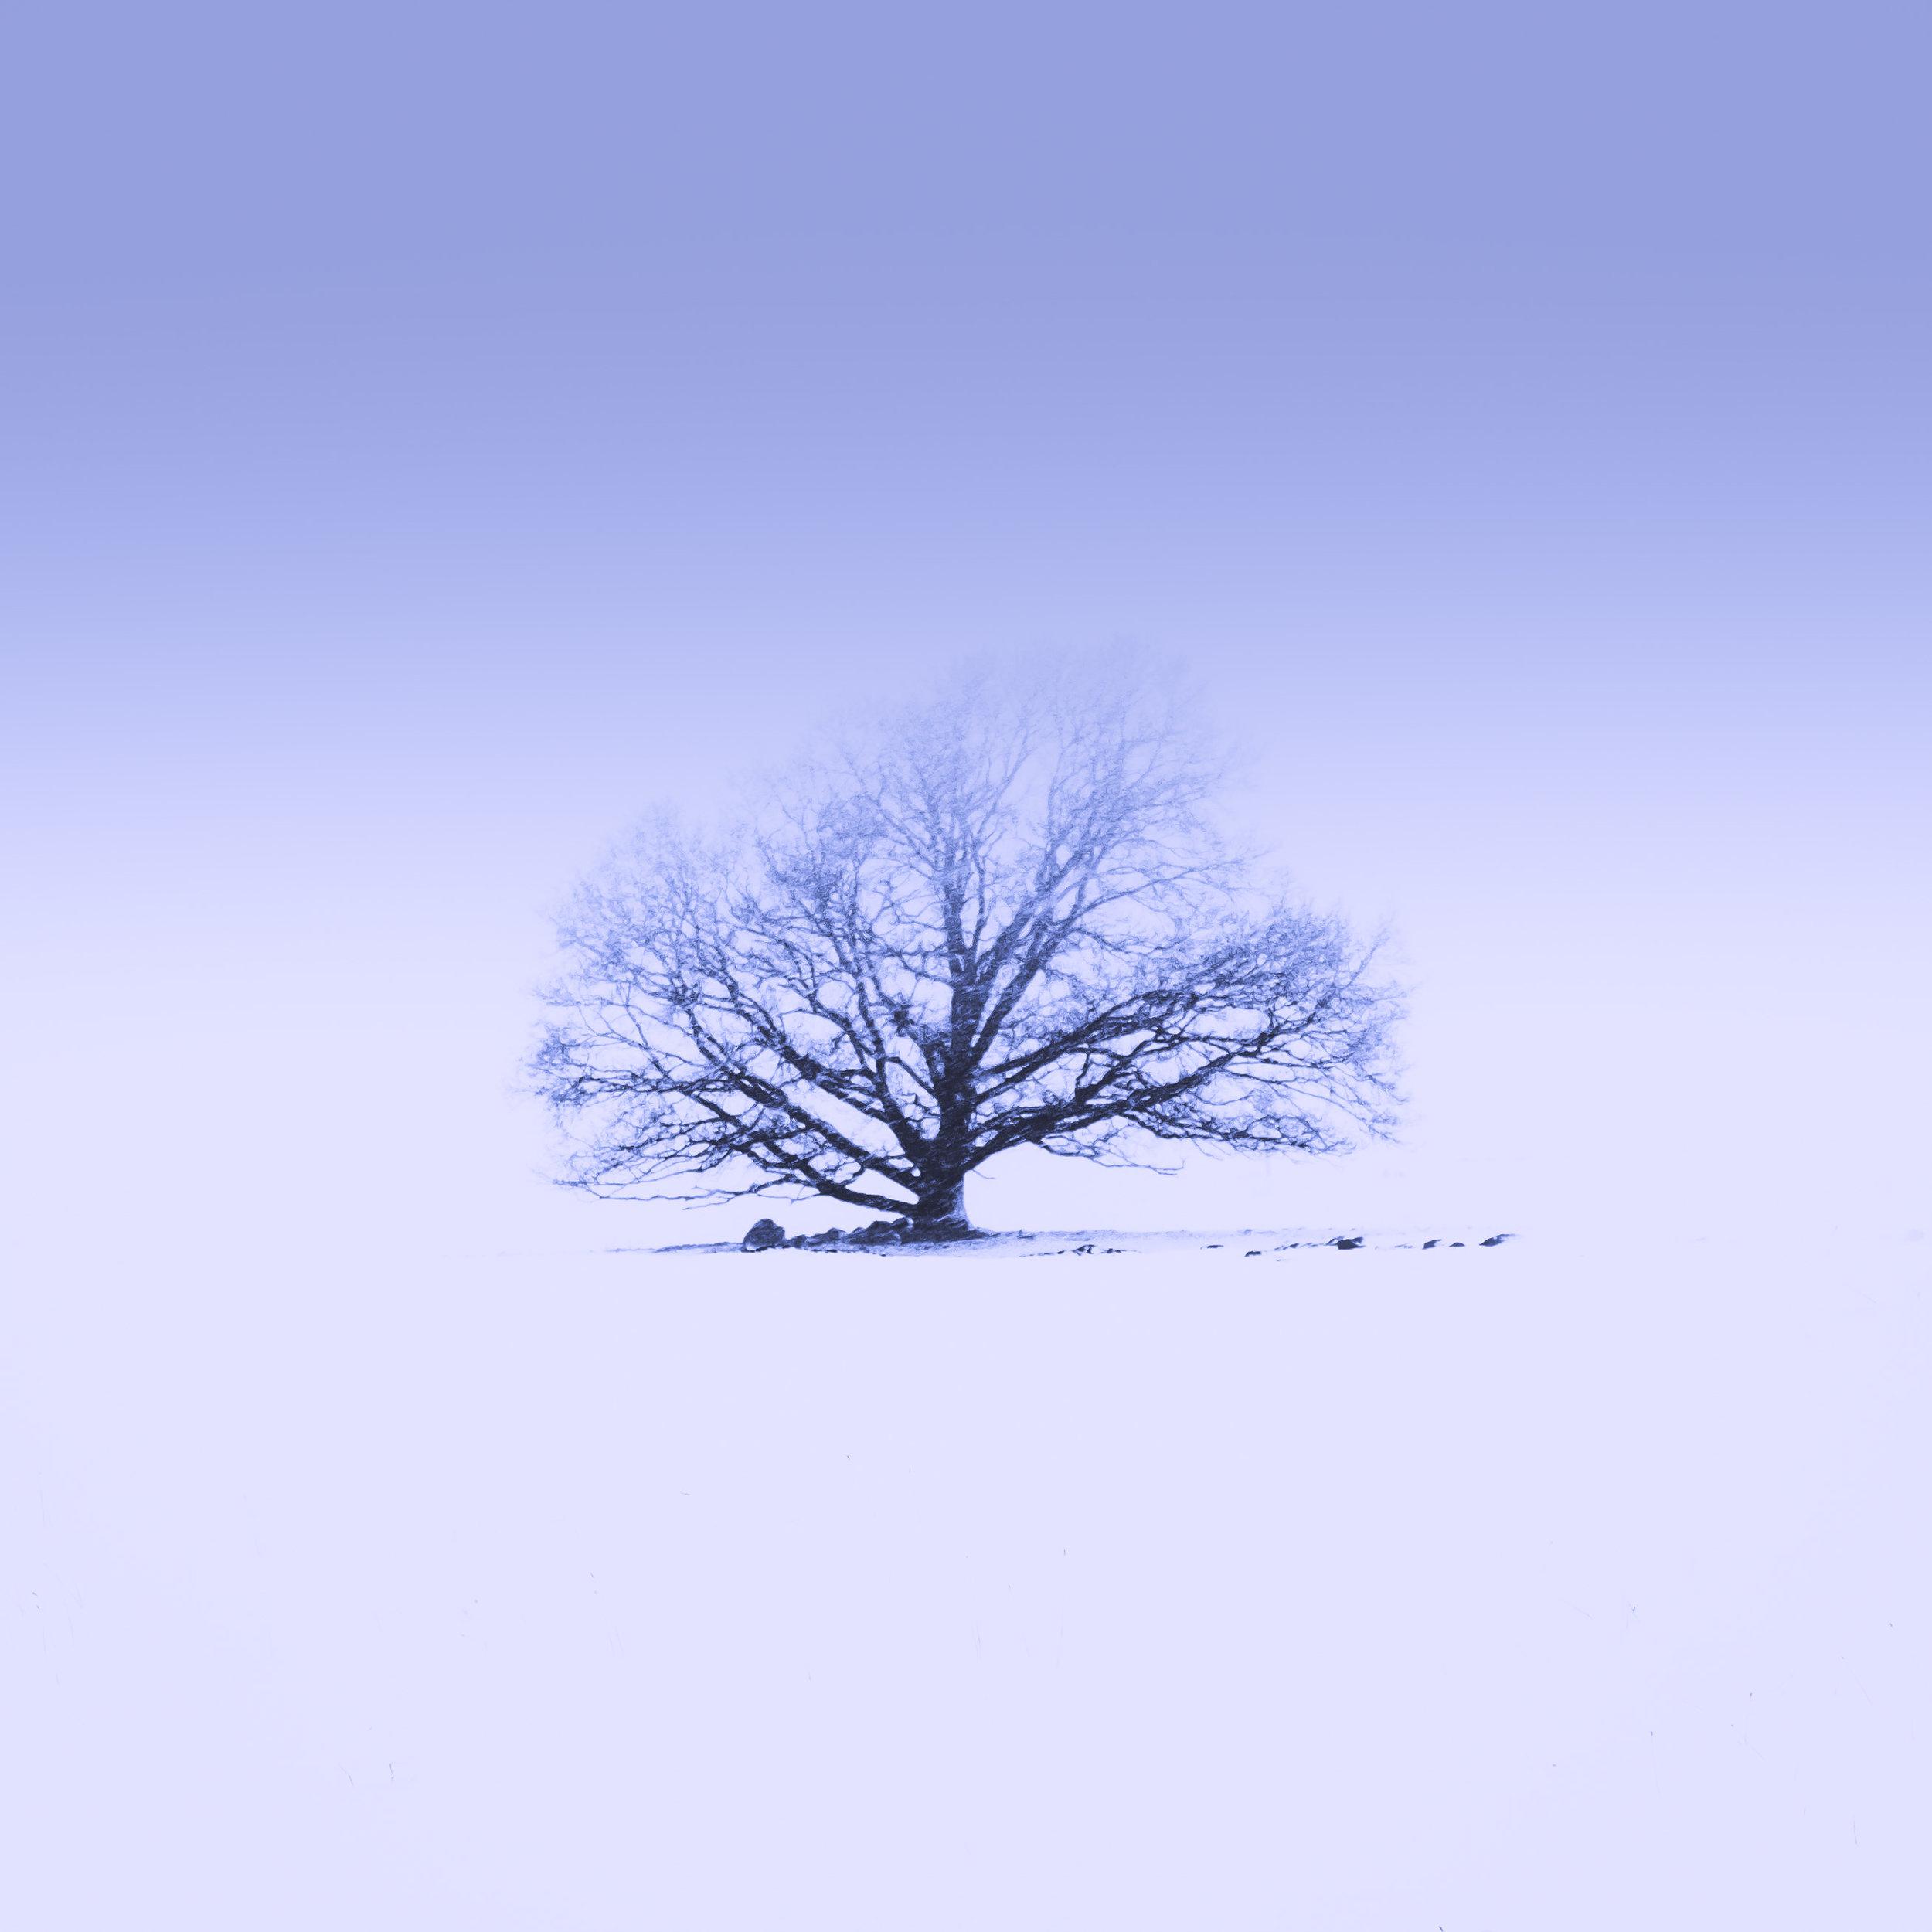 lone tree havang snow fog 1.jpg